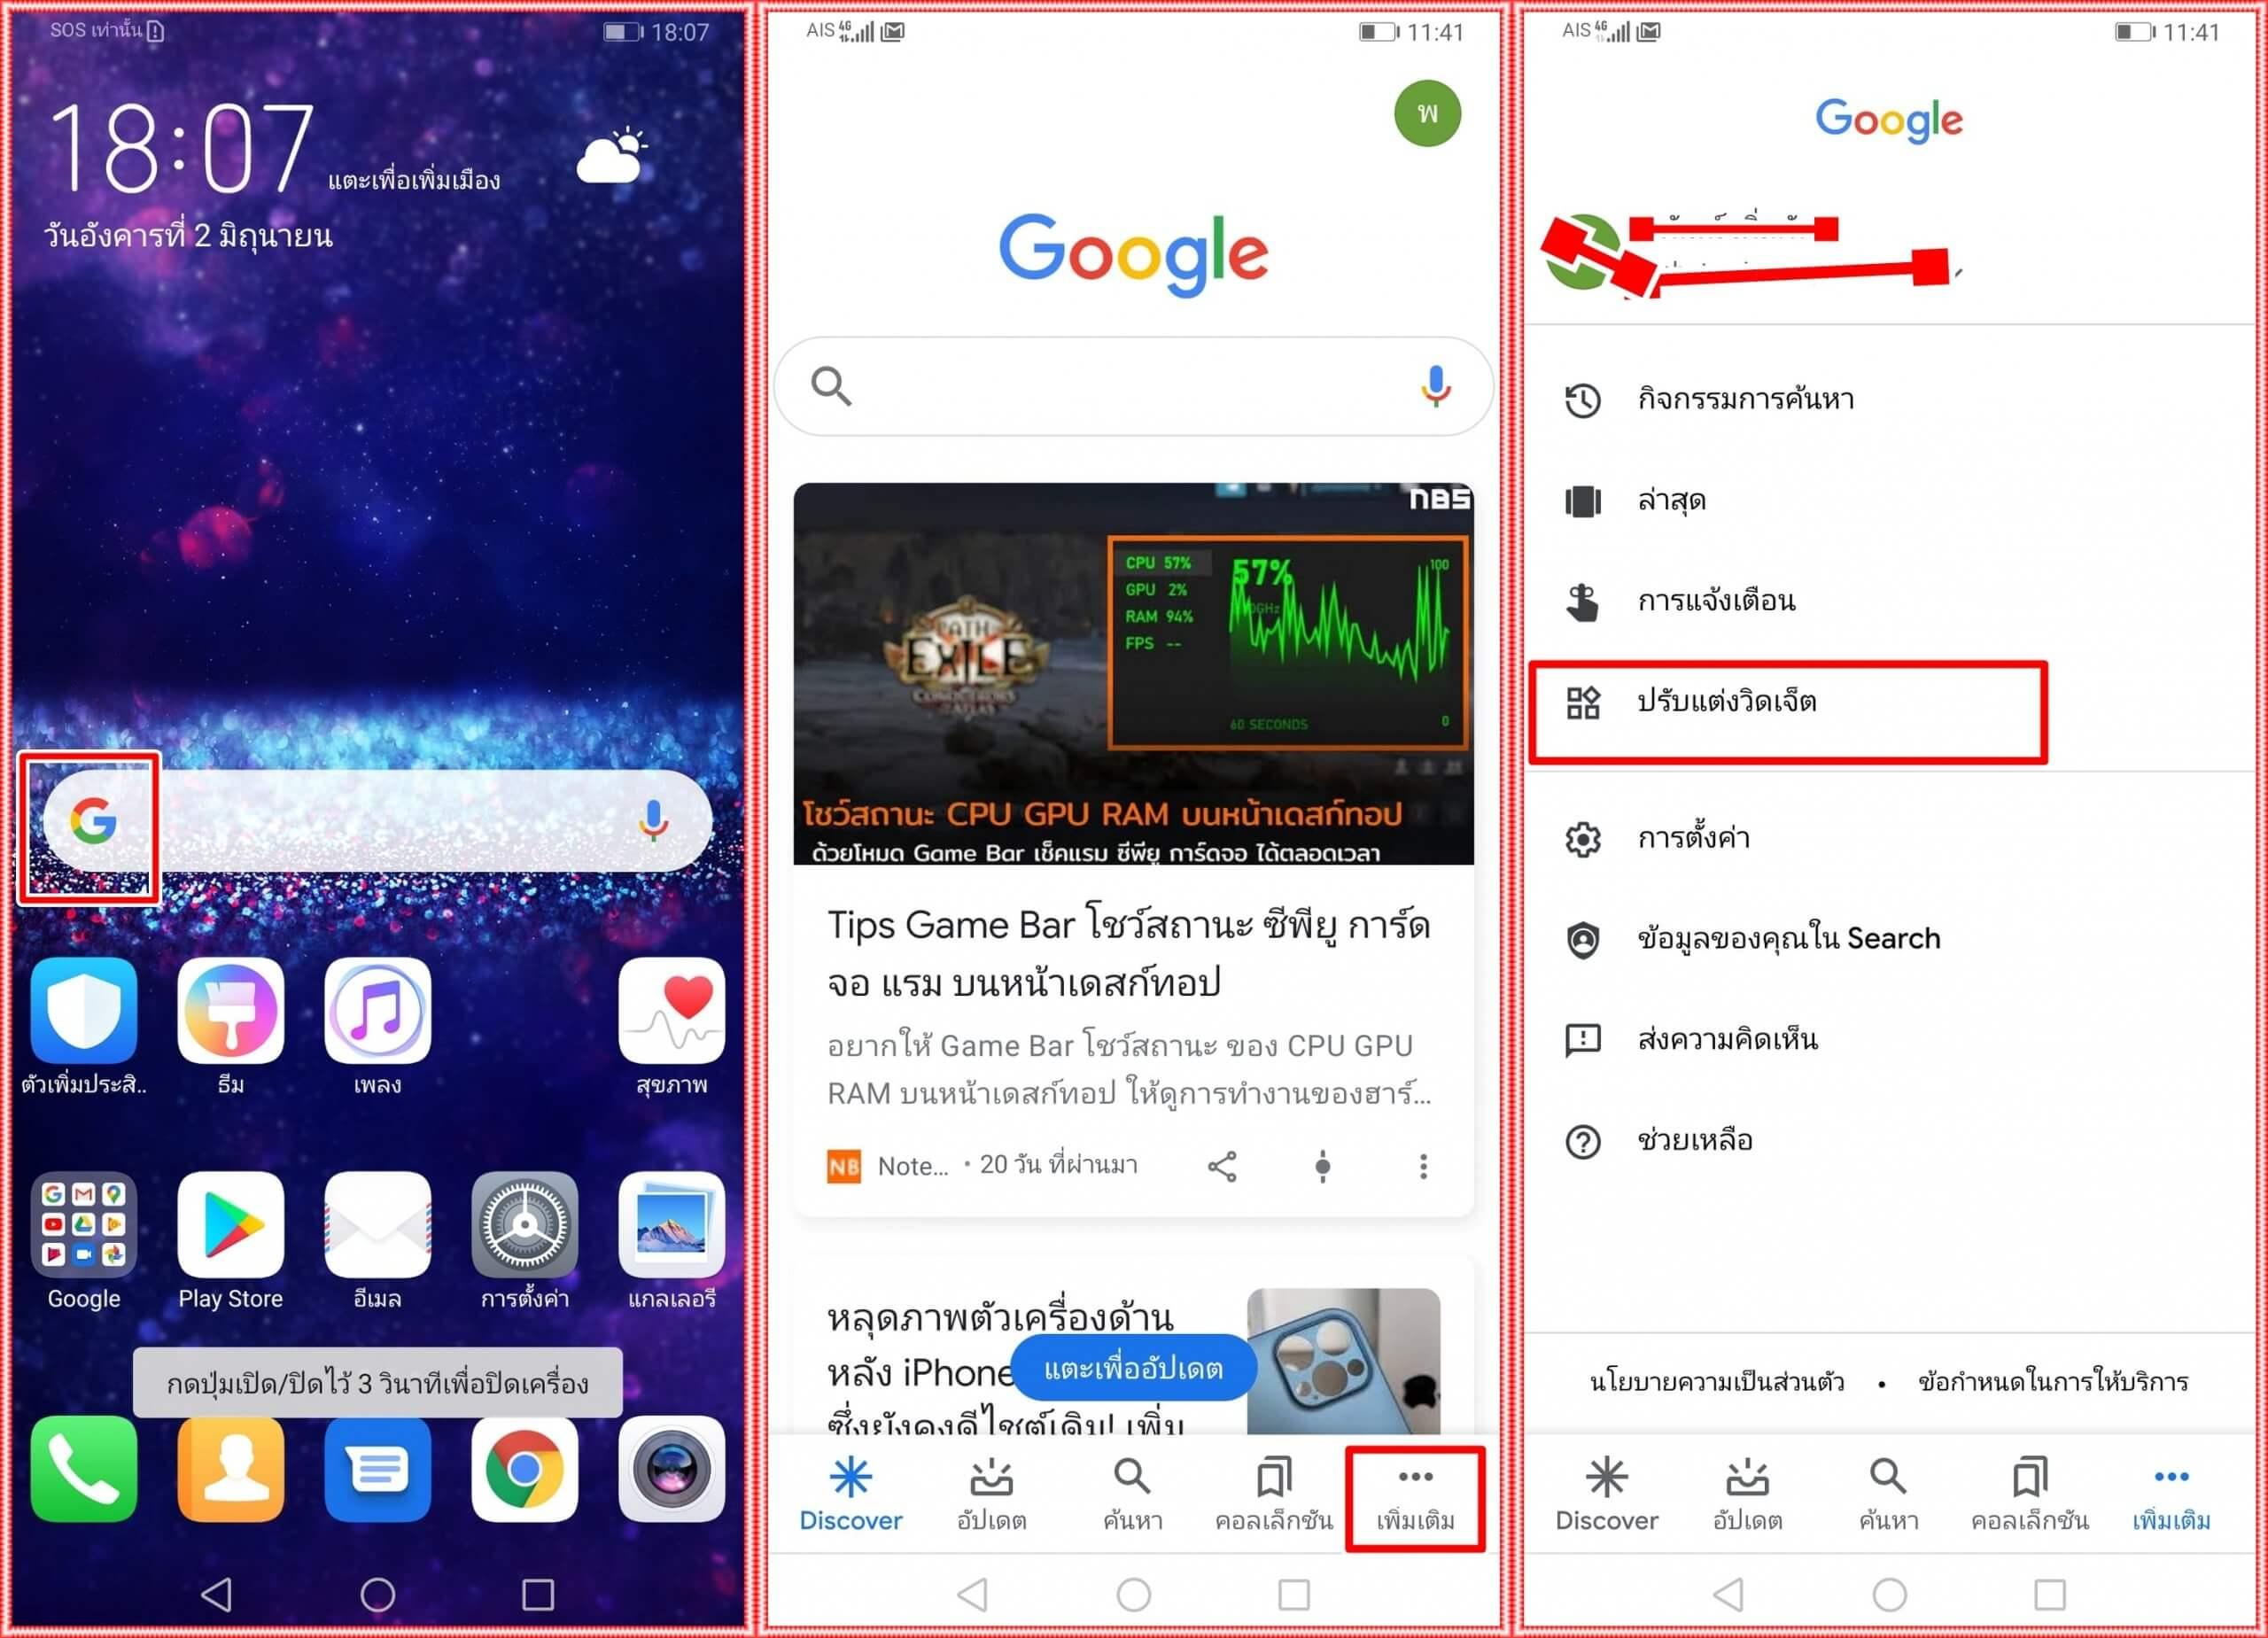 แบบเดิมมันน่าเบื่อ วิธีแก้ไข Google Bars บน Androids